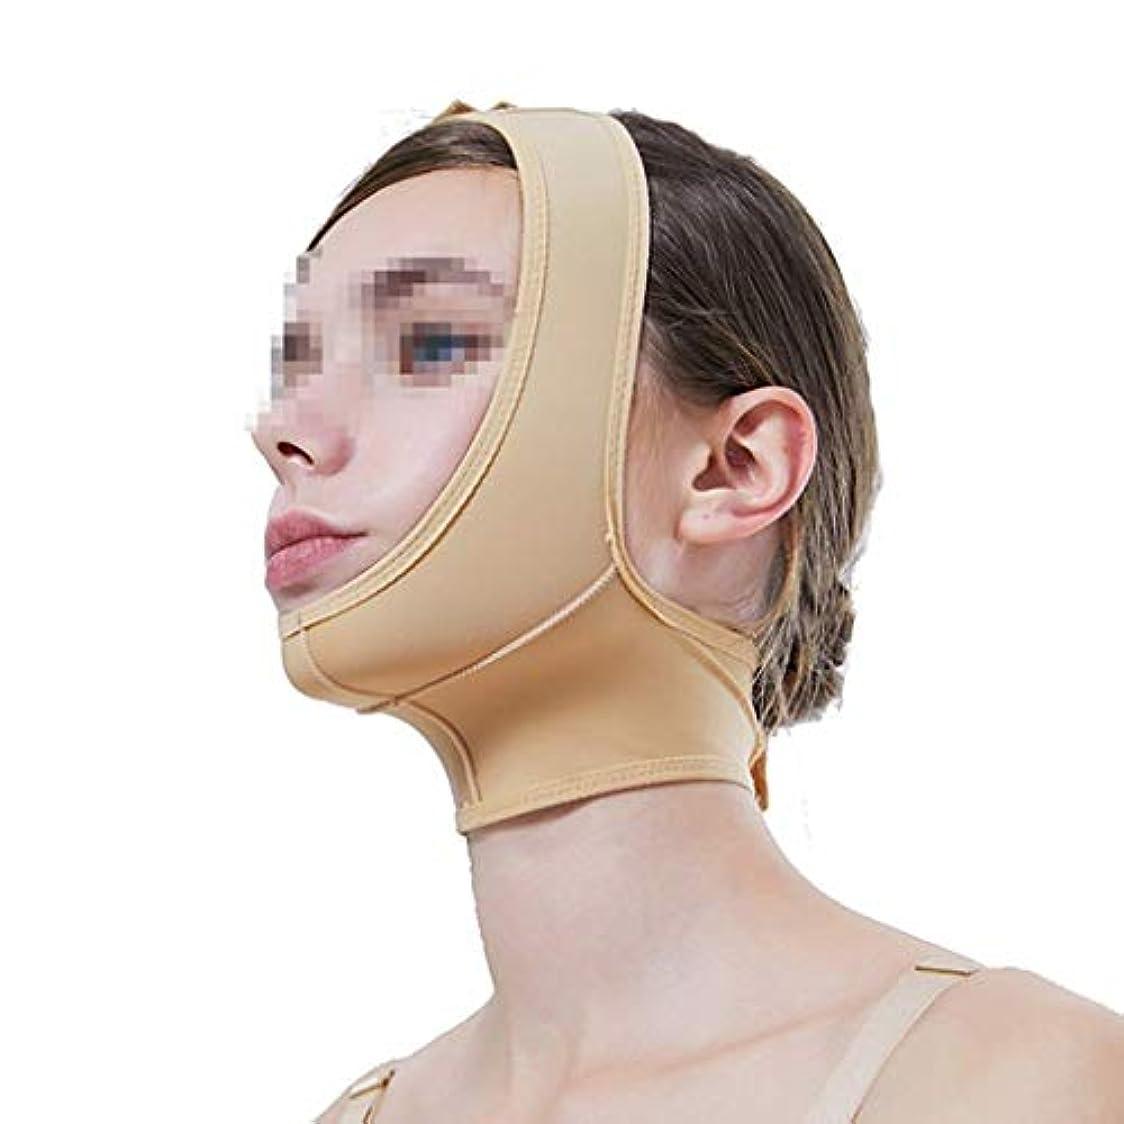 剃る潜む酸っぱい弾性の薄いフェイスフード、下顎スリーブ術後の弾性スリーブのフェイスVフェイスマスク付きの薄いダブルチンビーストバーマルチサイズオプション(サイズ:M)